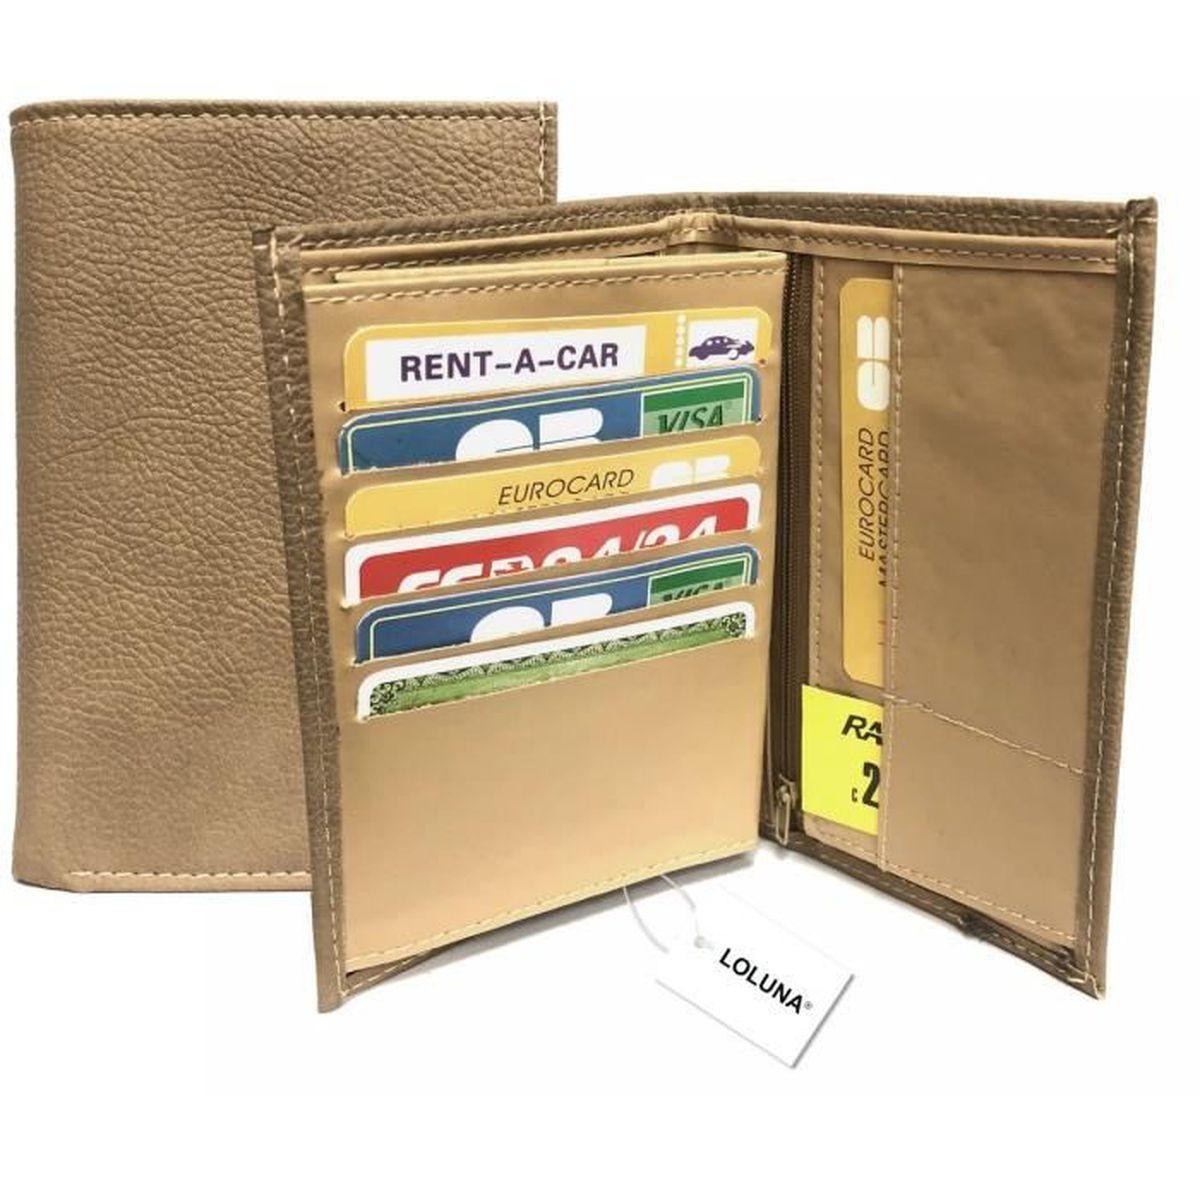 55e9bc7b4ec46 Portefeuille homme et femme, 3 volets, 8 cartes, identité, carte ...